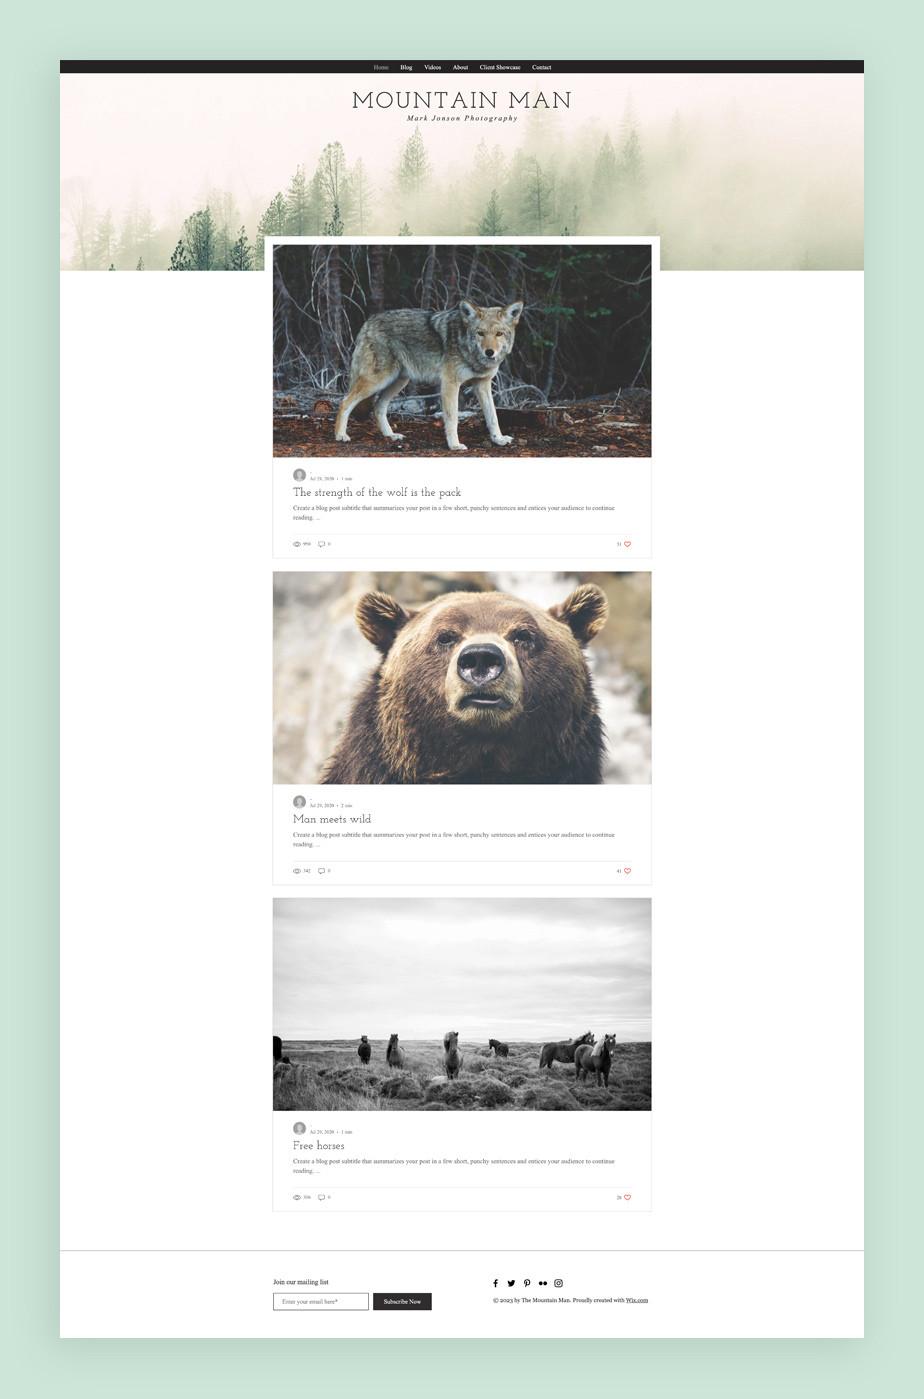 프리랜서 및 전문 사진 작가들을 위한 민트색의 포토그래피 블로그 템플릿